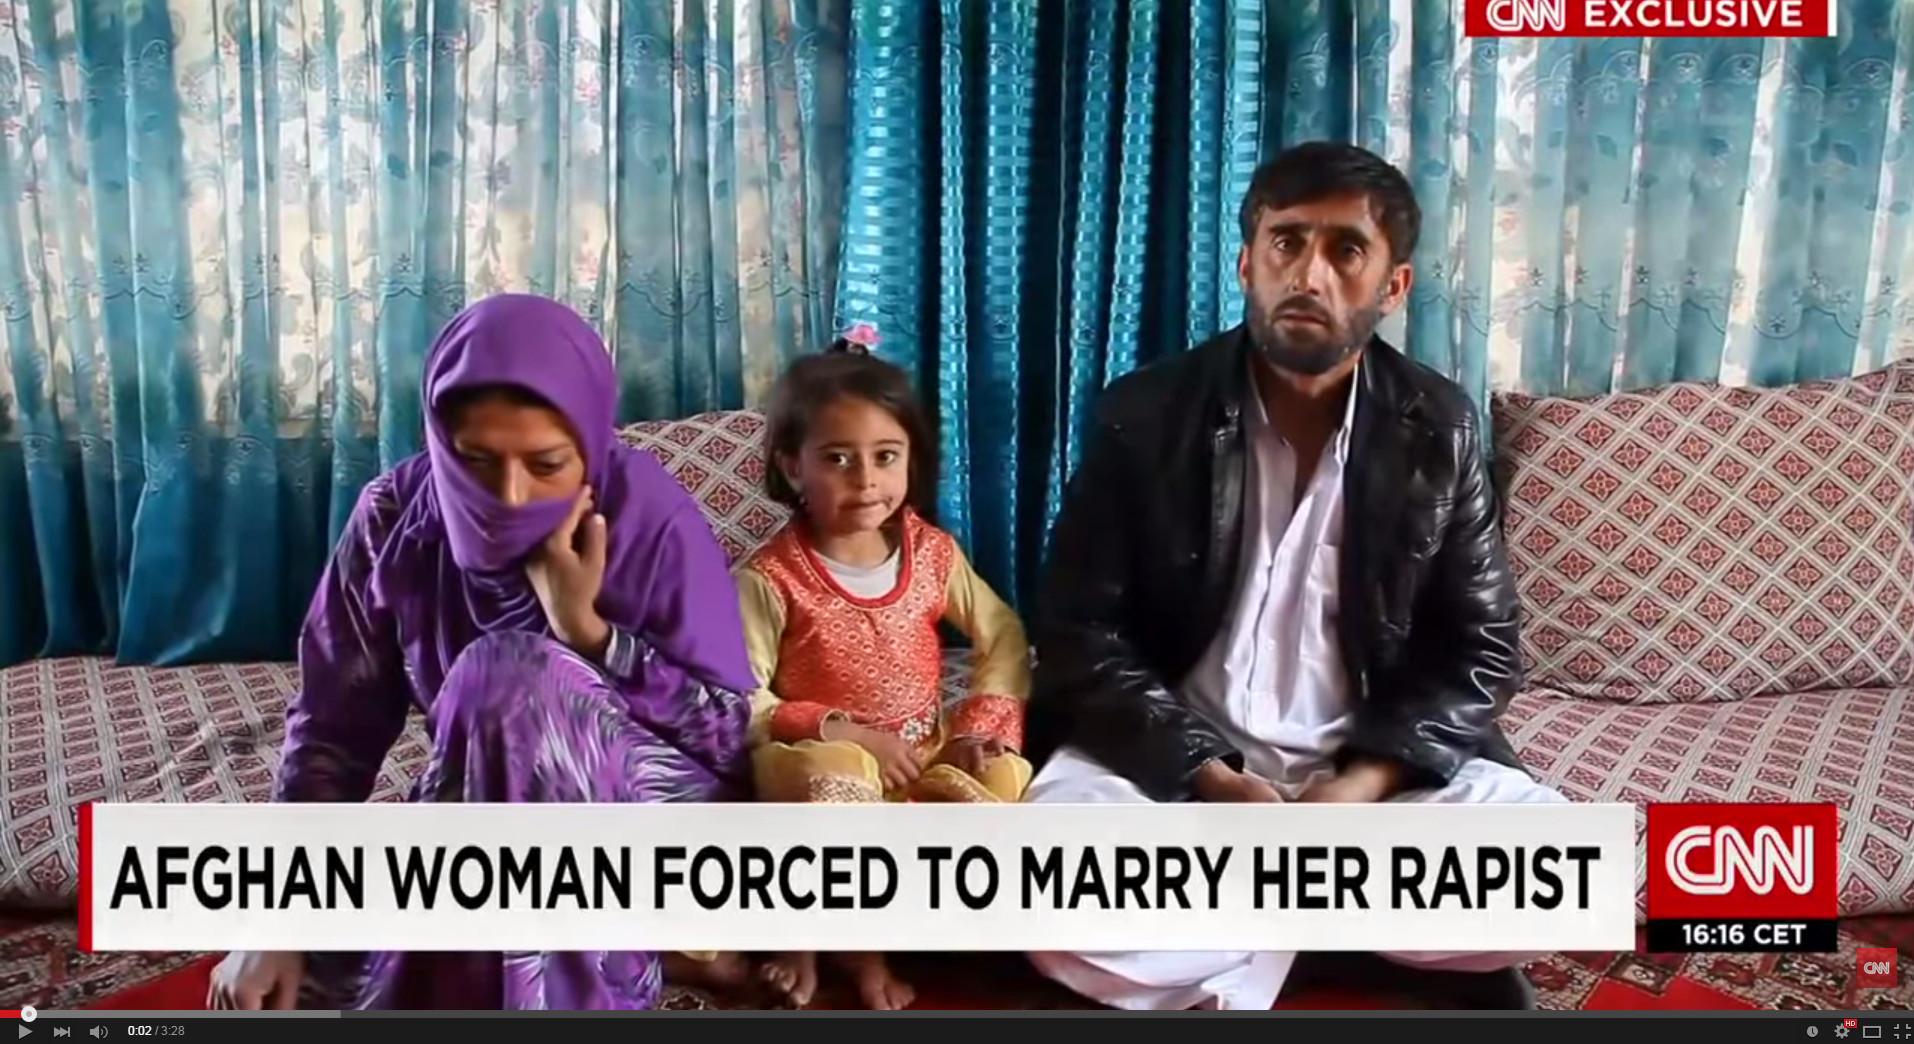 嫁給強姦者「換女兒未來」 阿富汗少女懼怕社會壓力